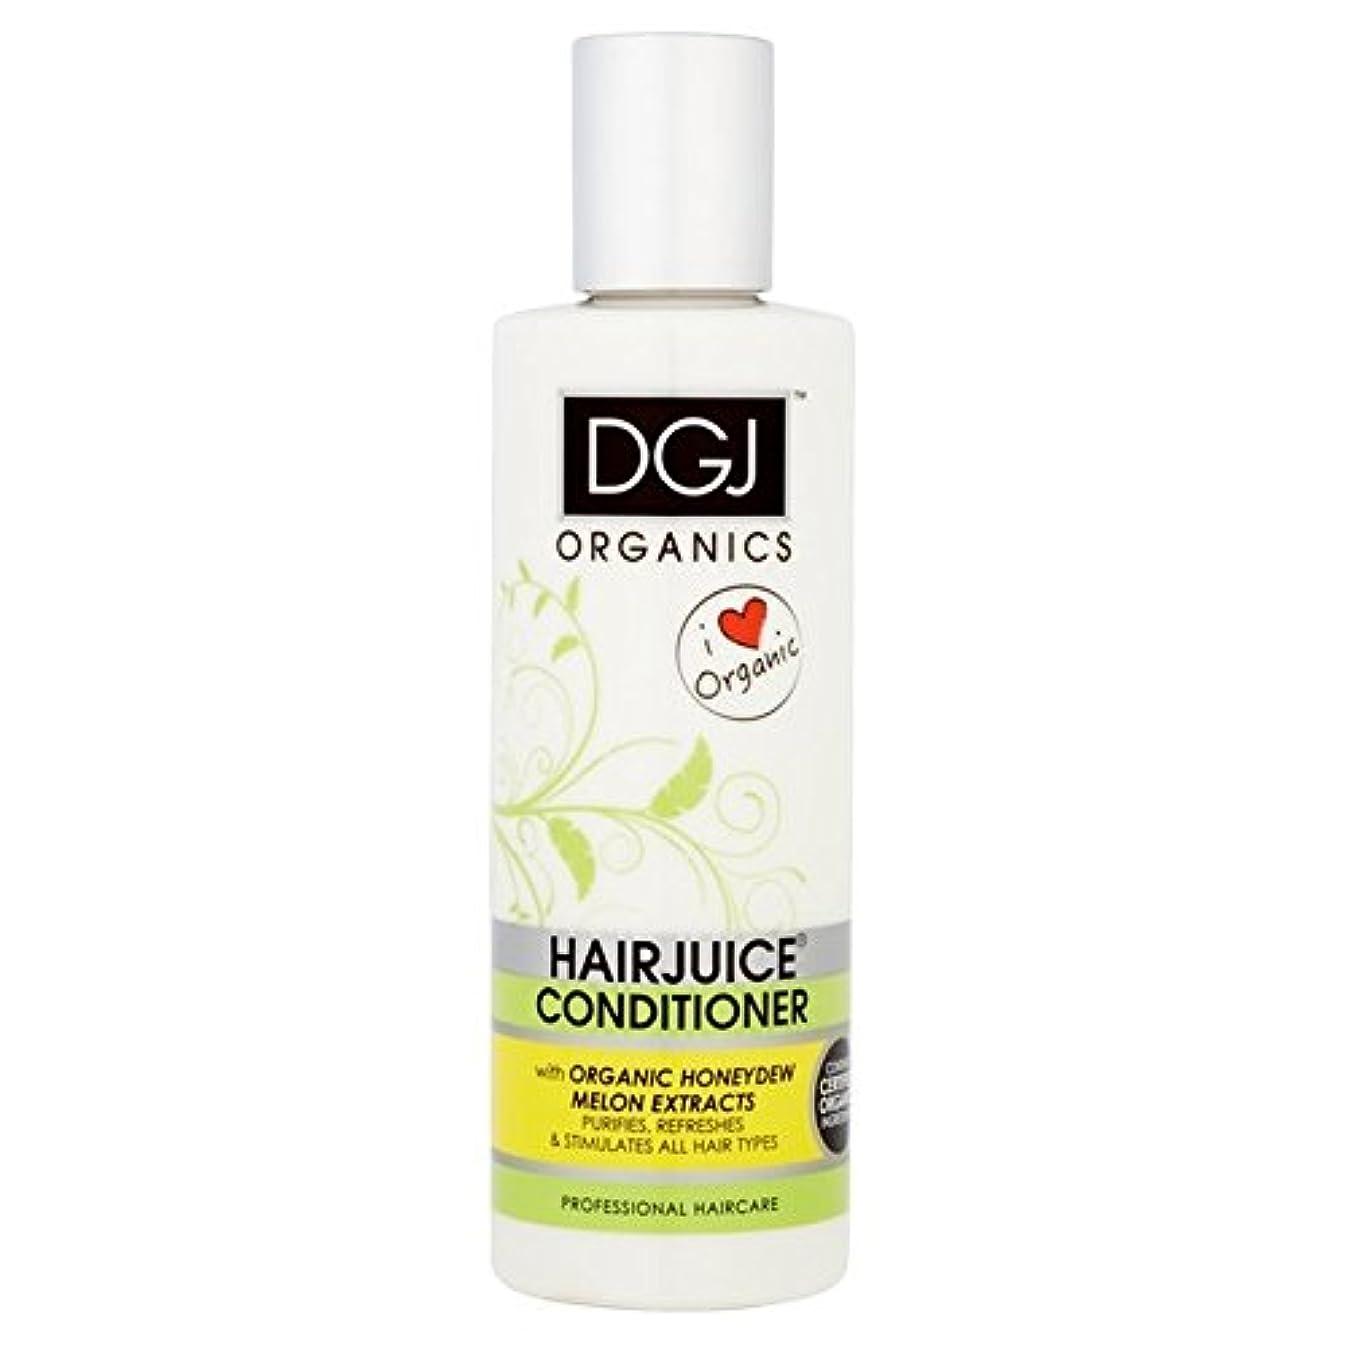 階下投票有利DGJ Organic Hairjuice Melon Conditioner 250ml - 有機メロンコンディショナー250 [並行輸入品]